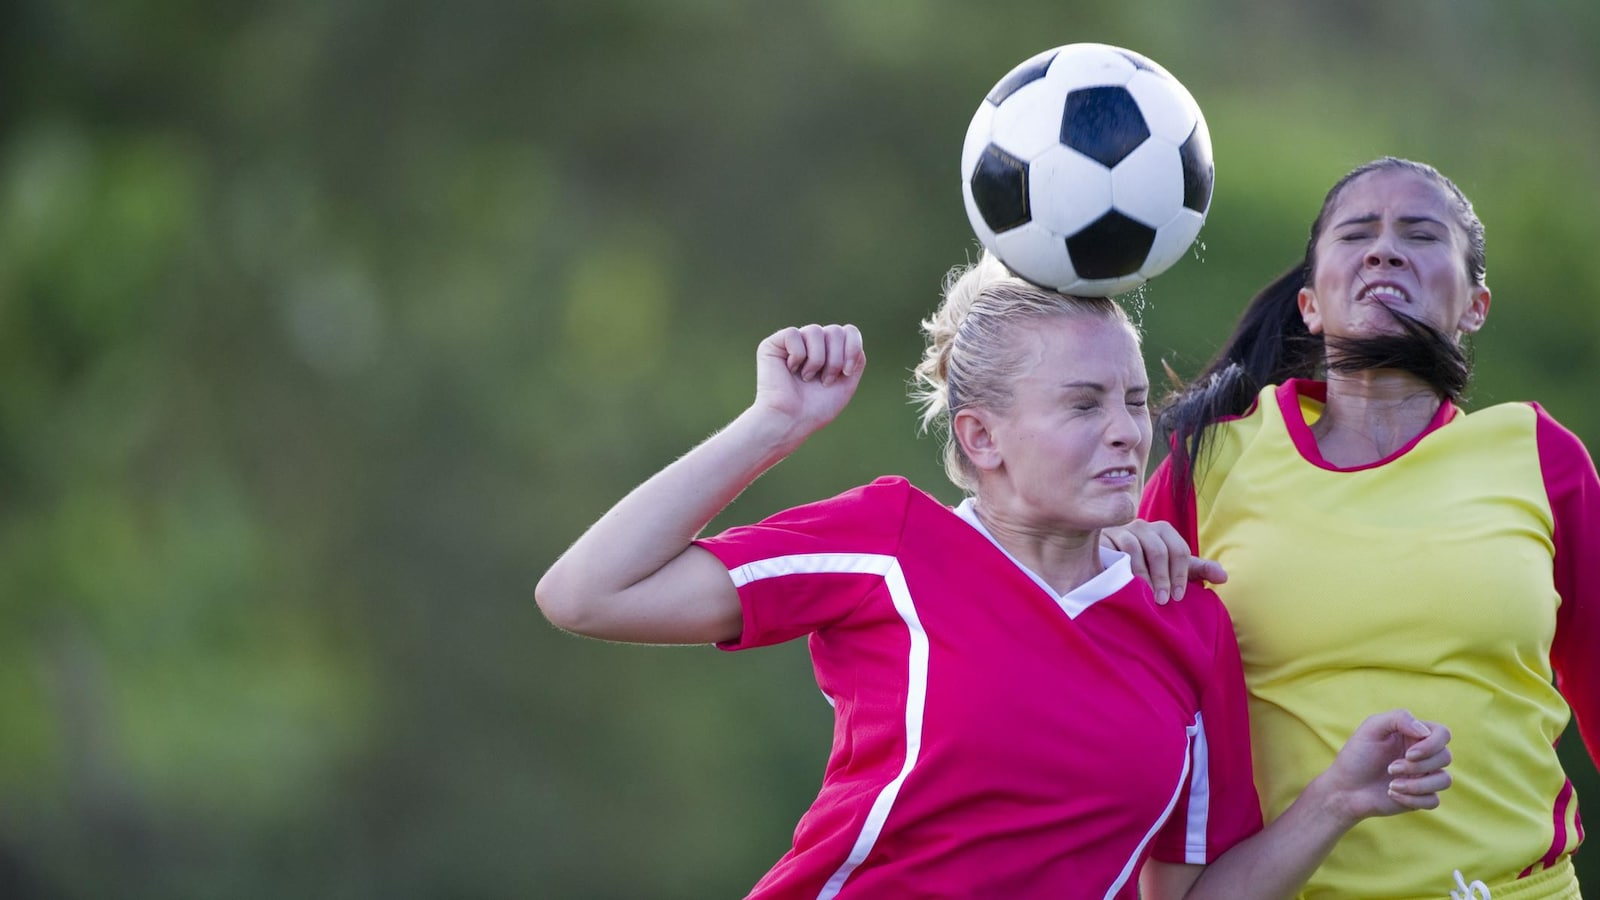 Une jeune femme frappe un ballon de soccer avec la tête.